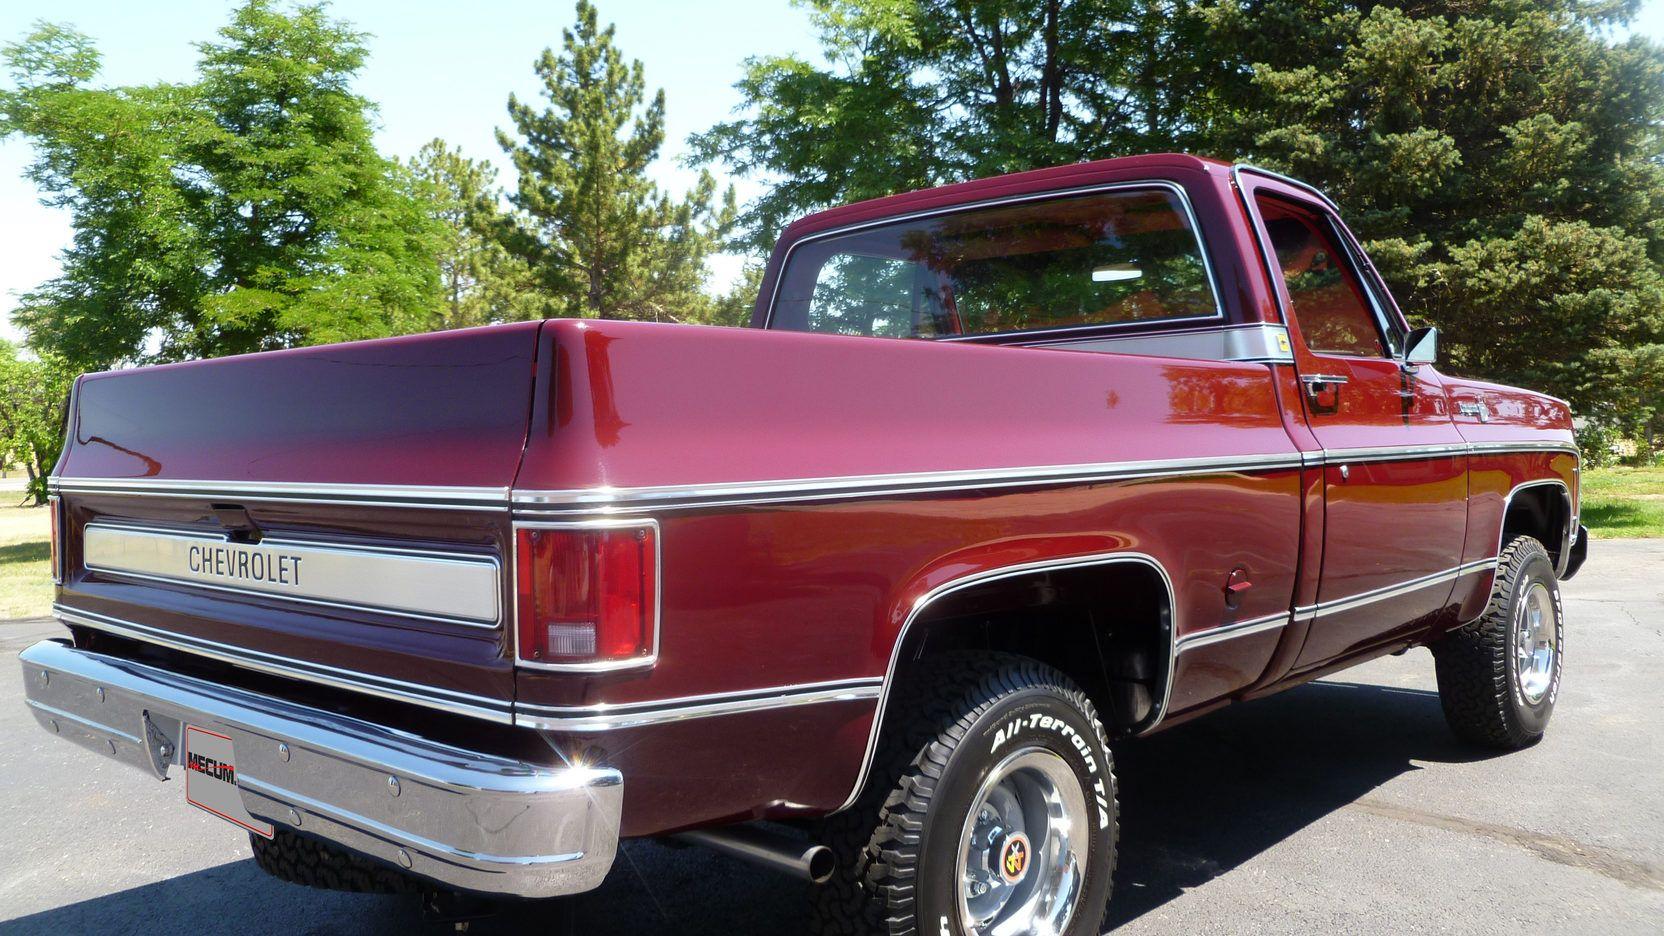 All Chevy chevy cheyenne c10 : 1978 Chevrolet Cheyenne C10 Pickup - 2 - Print Image | Chevy ...